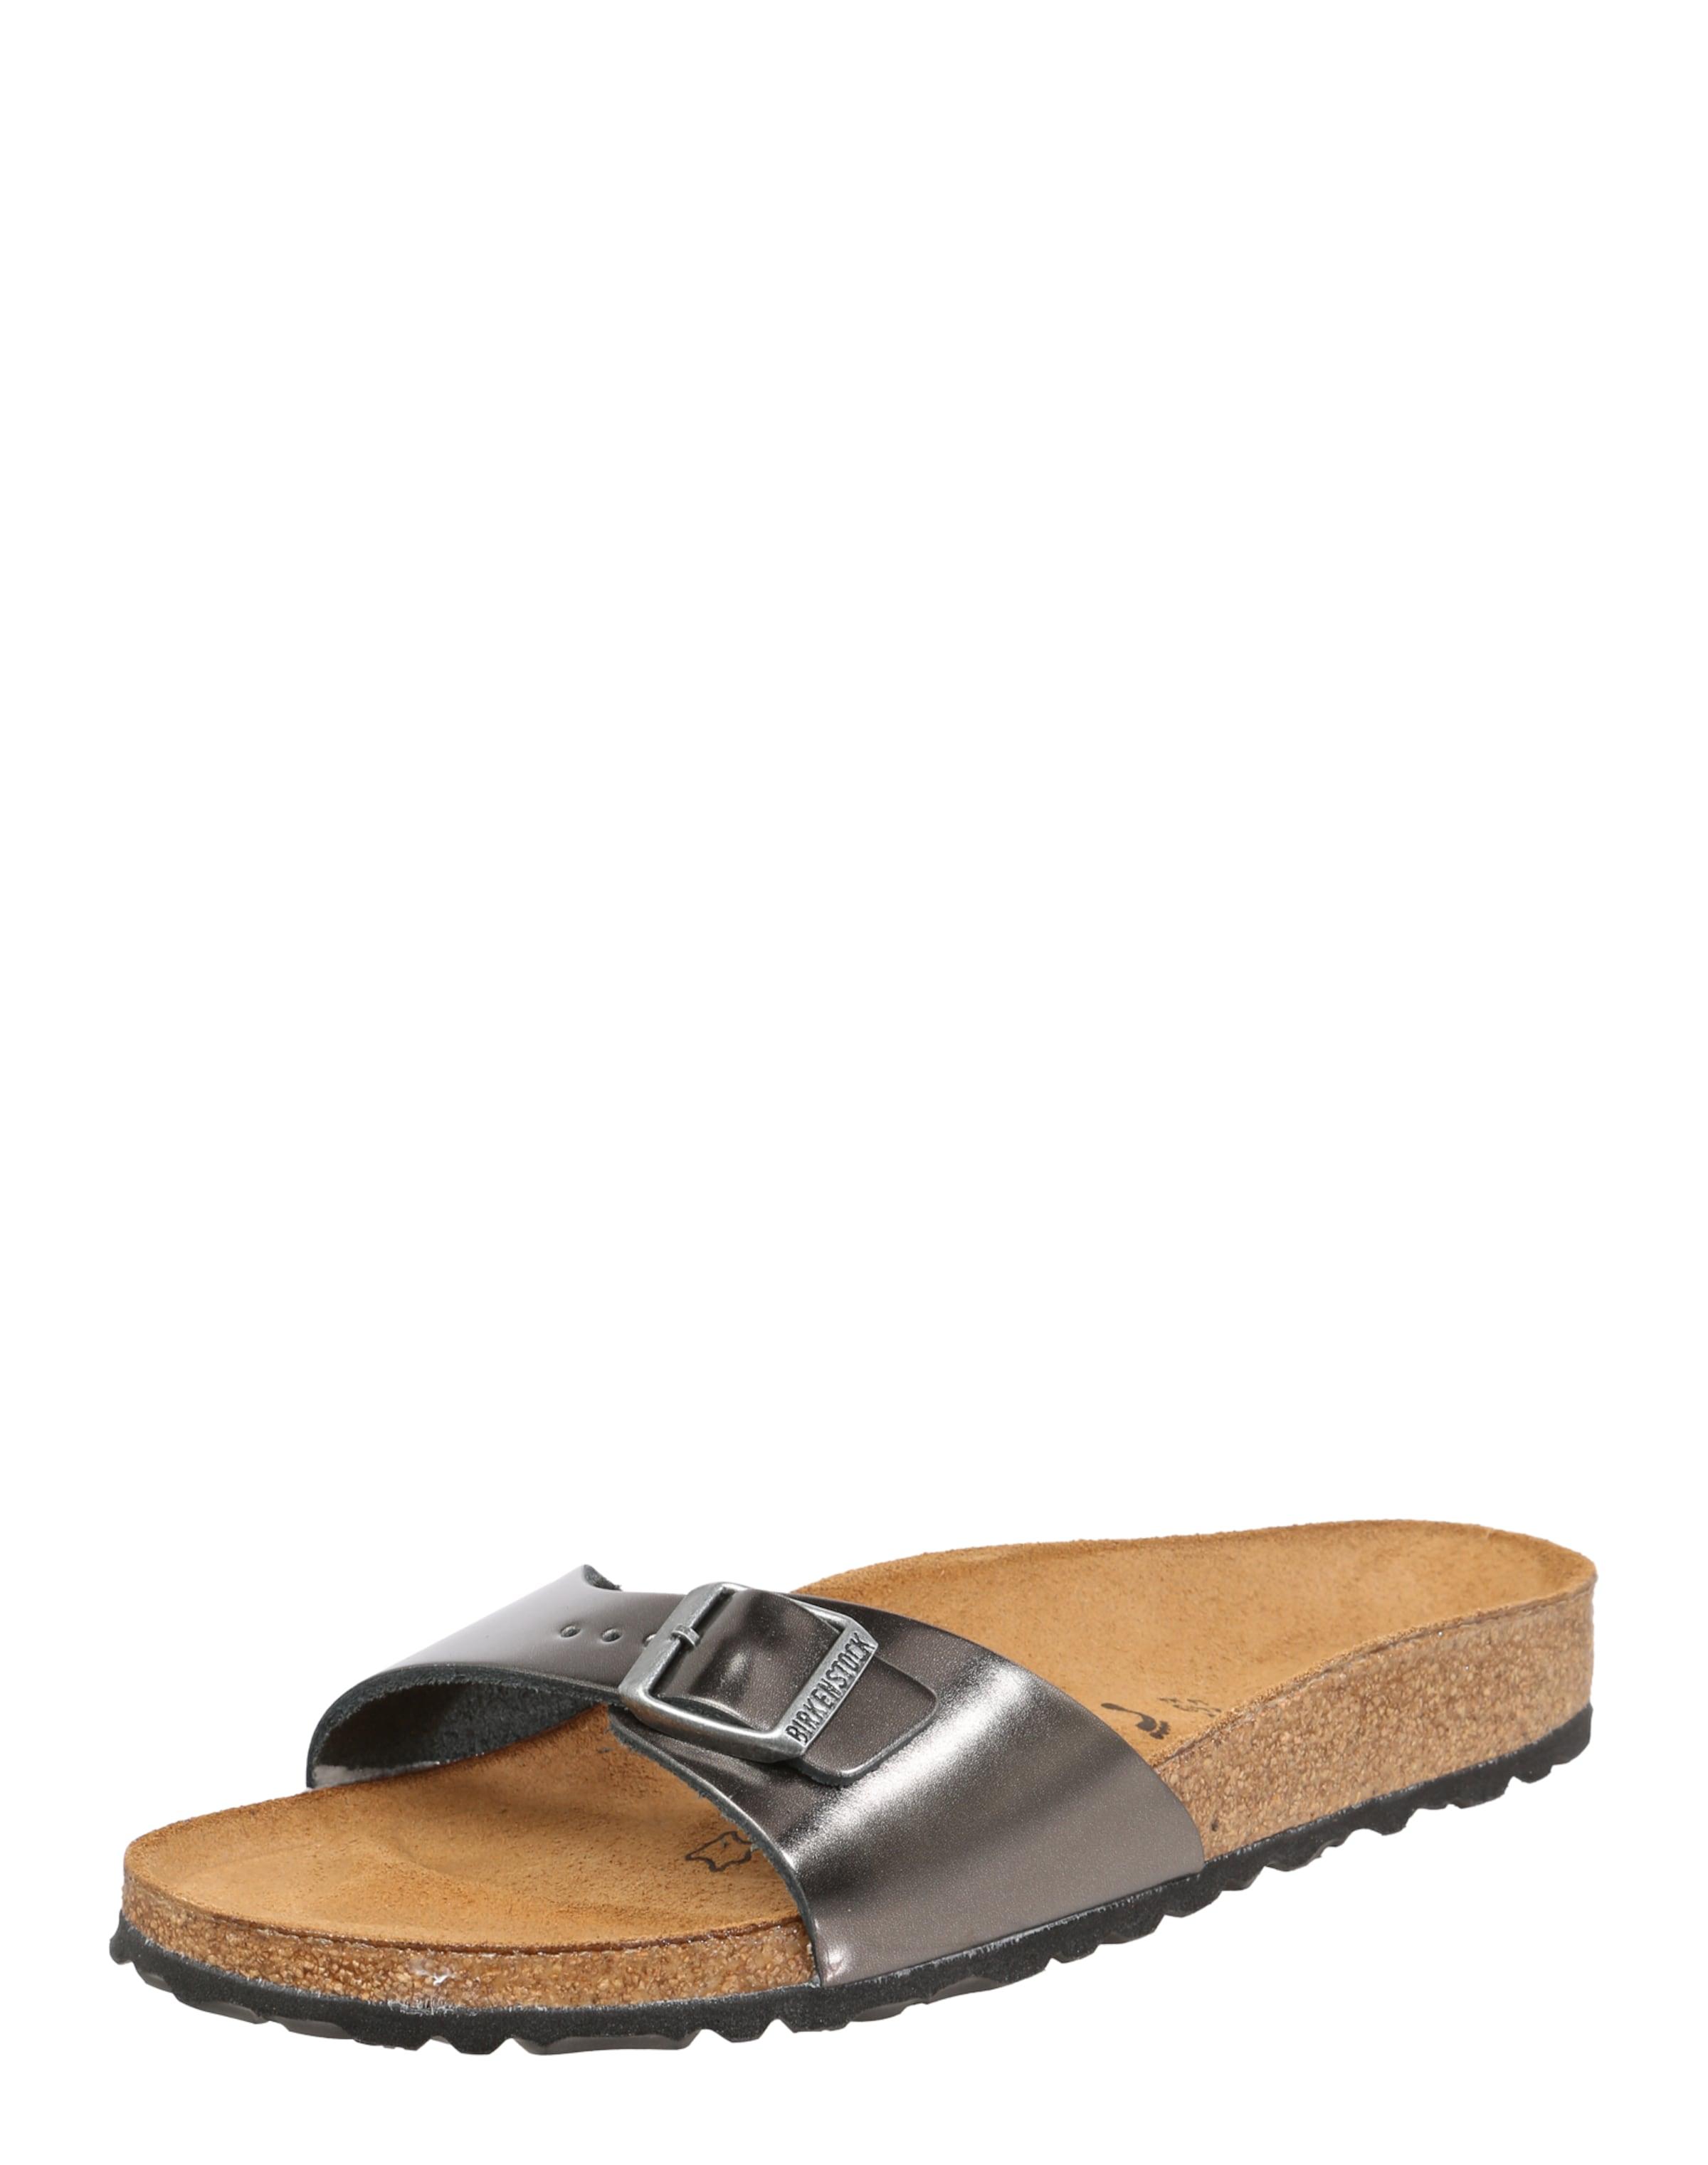 BIRKENSTOCK Sandale  Madrid Metallic